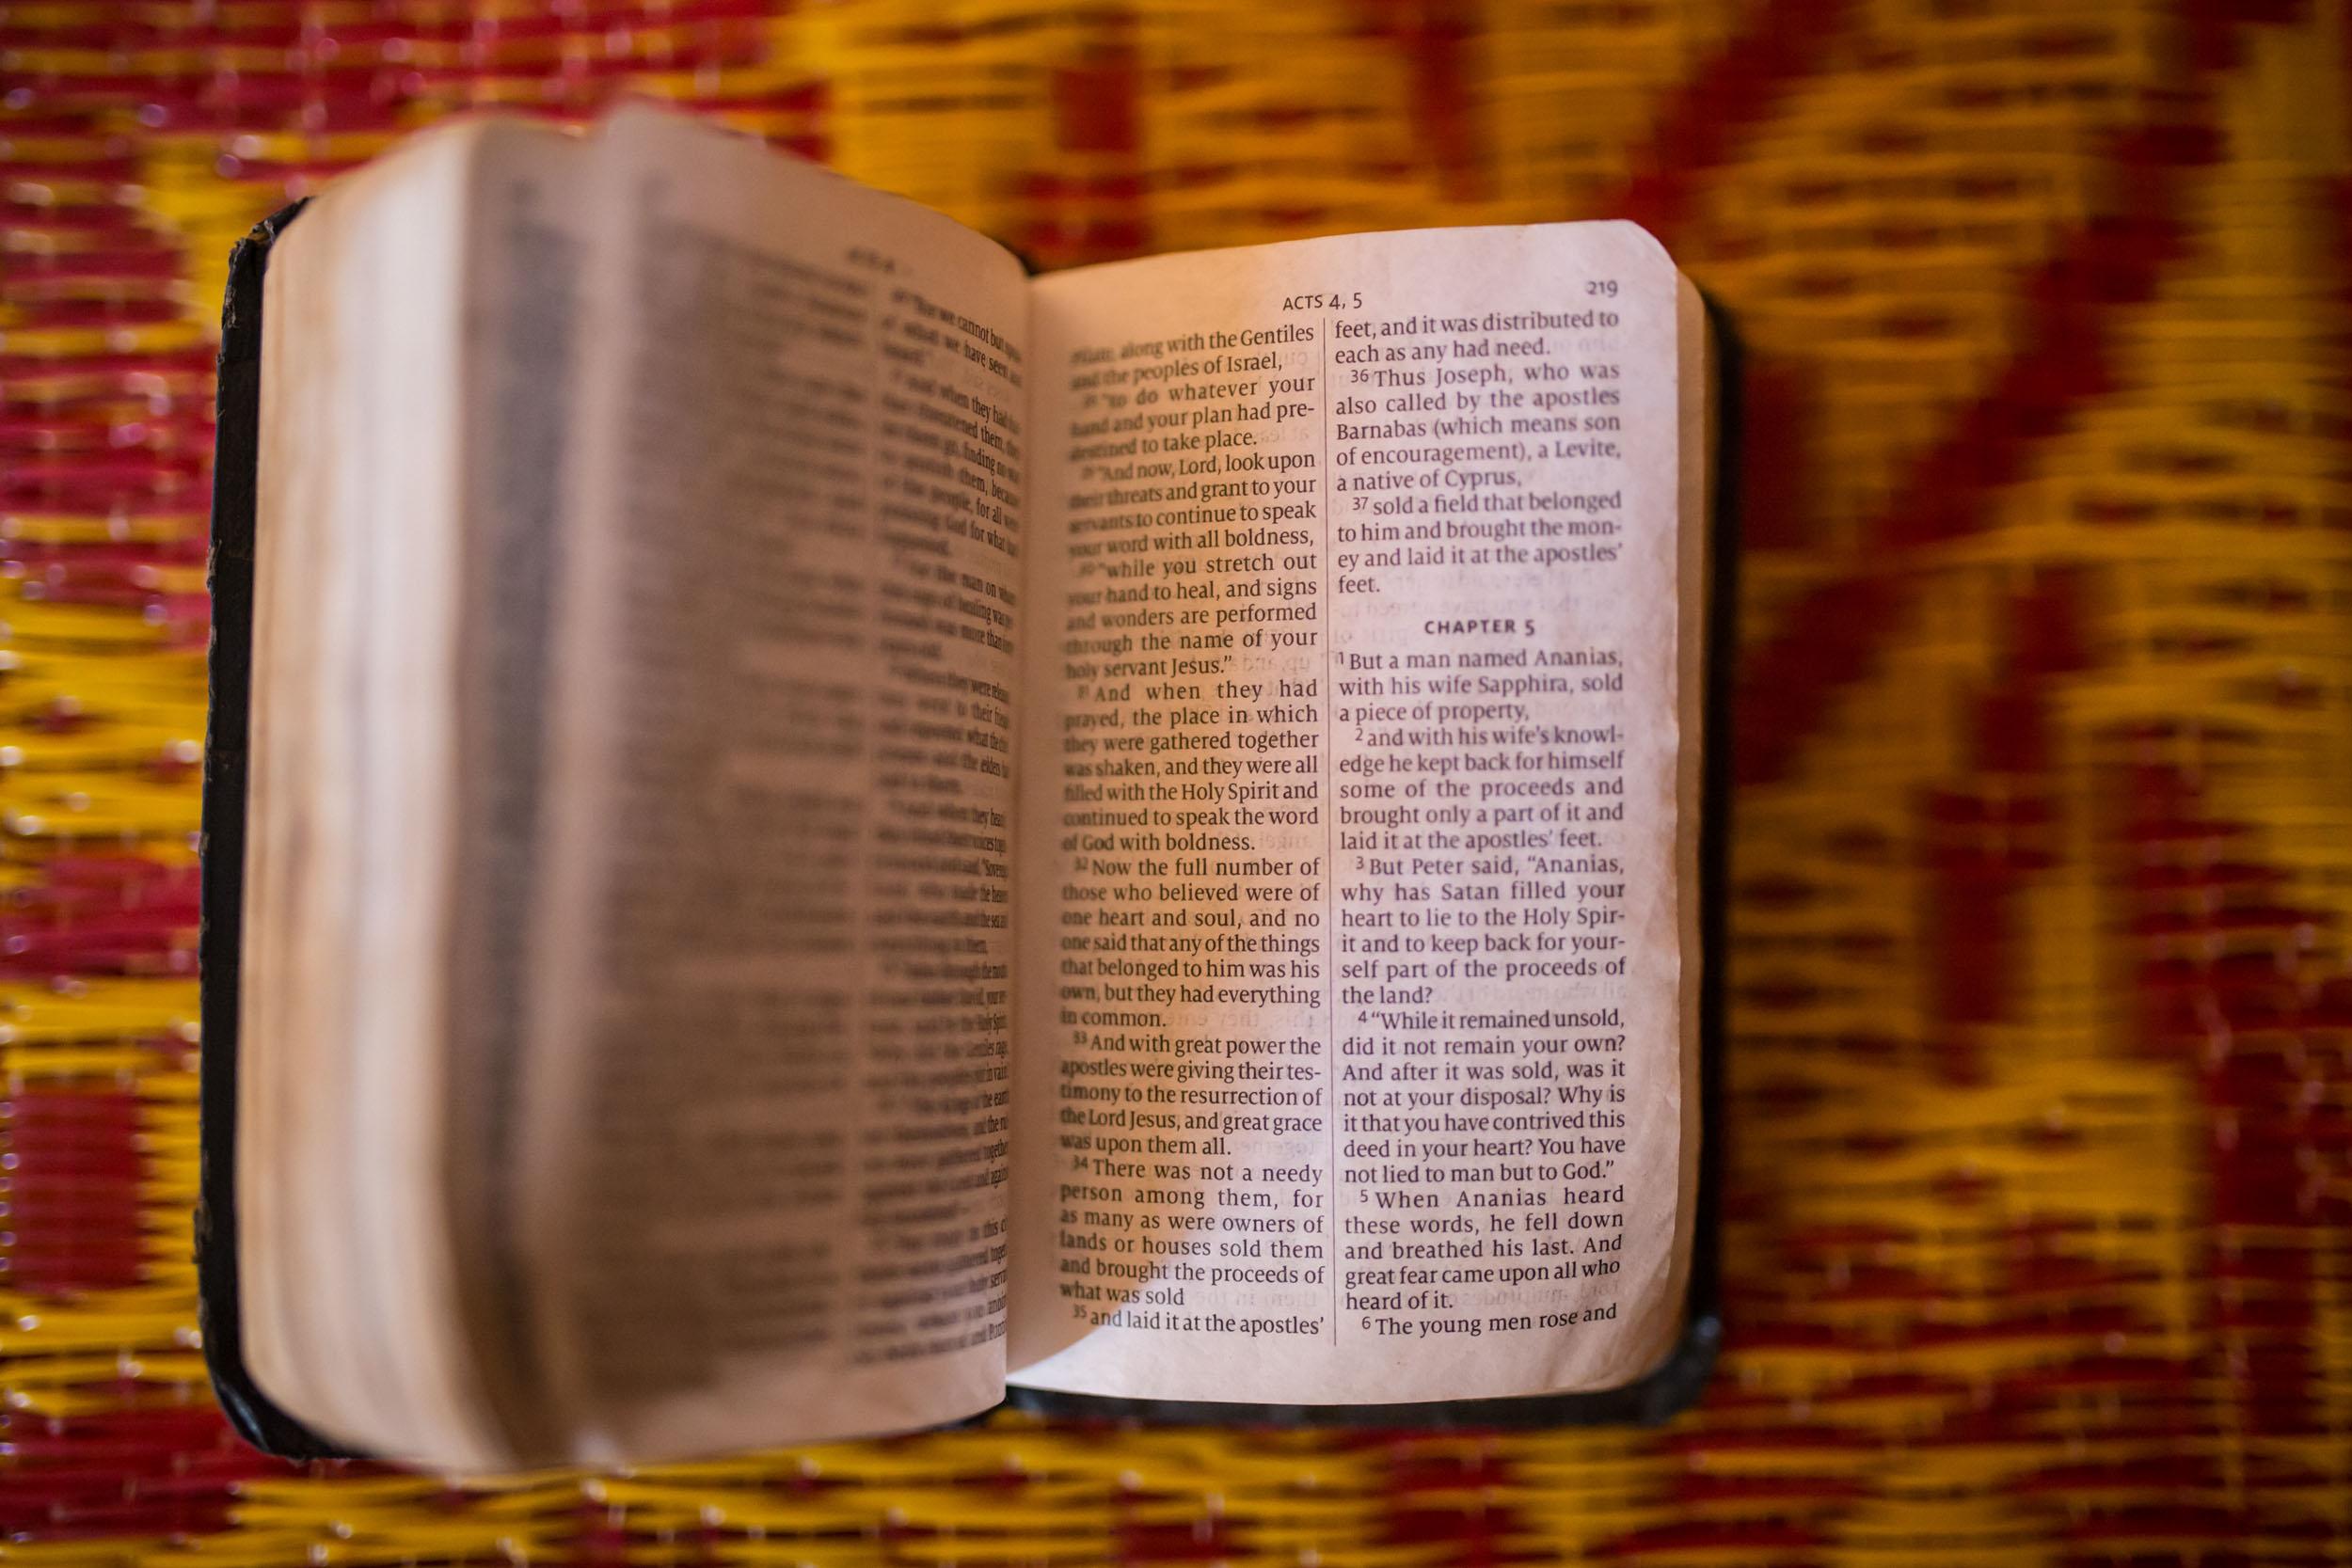 Englanninkielinen Raamattu on auki Apostolien tekojen kohdalta.